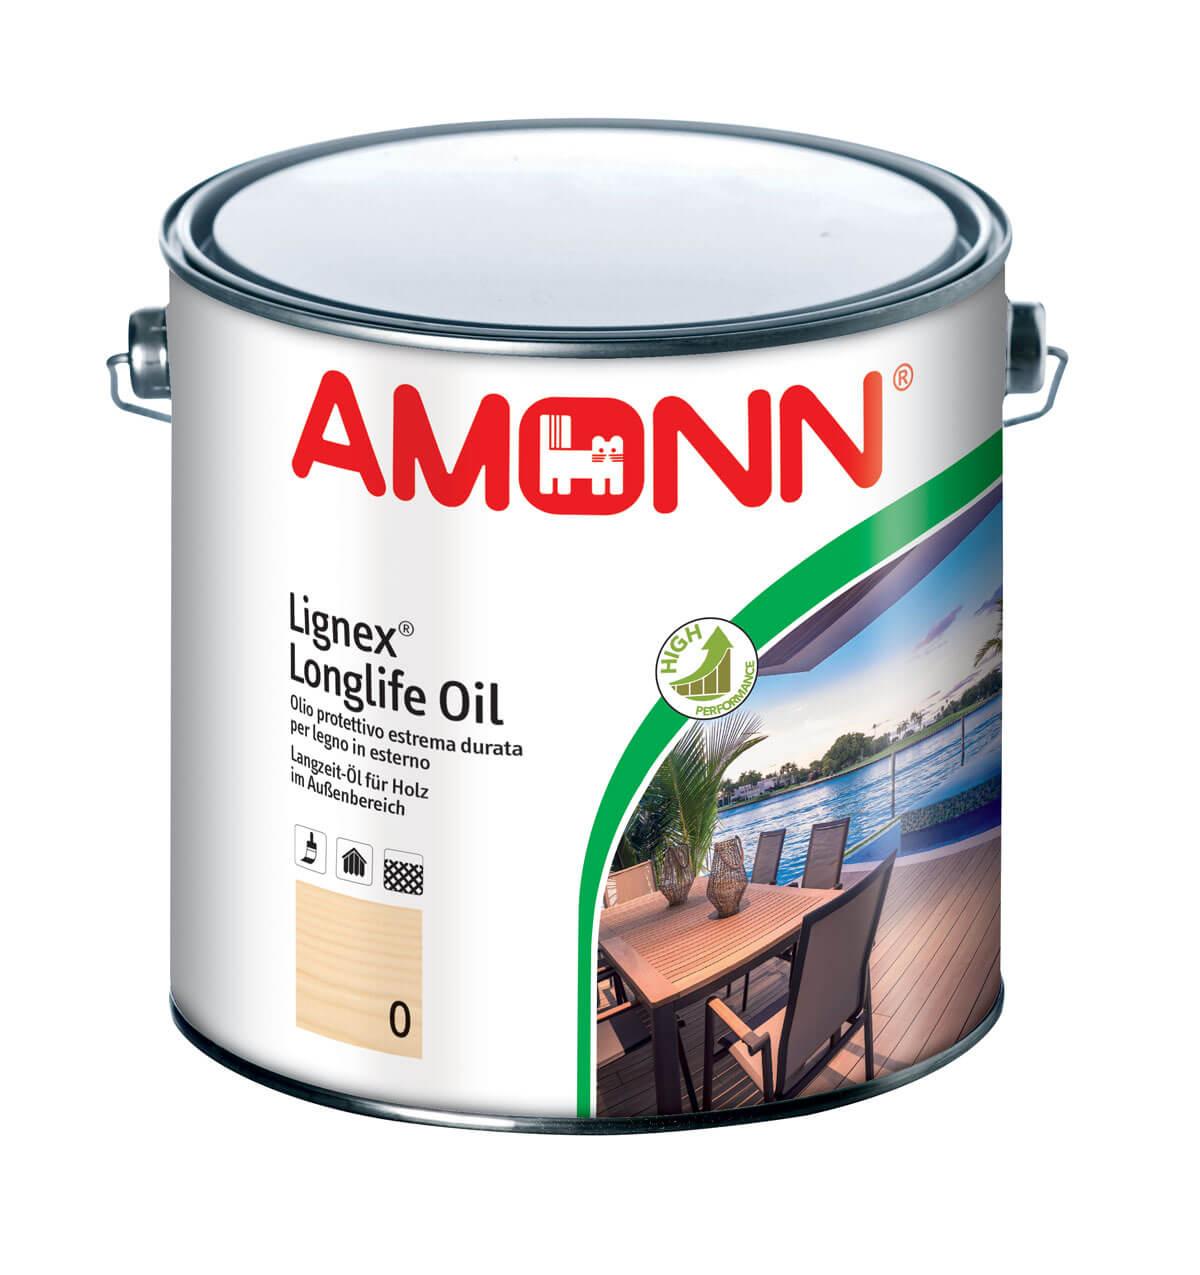 Lignex - Lignex Longlife Oil